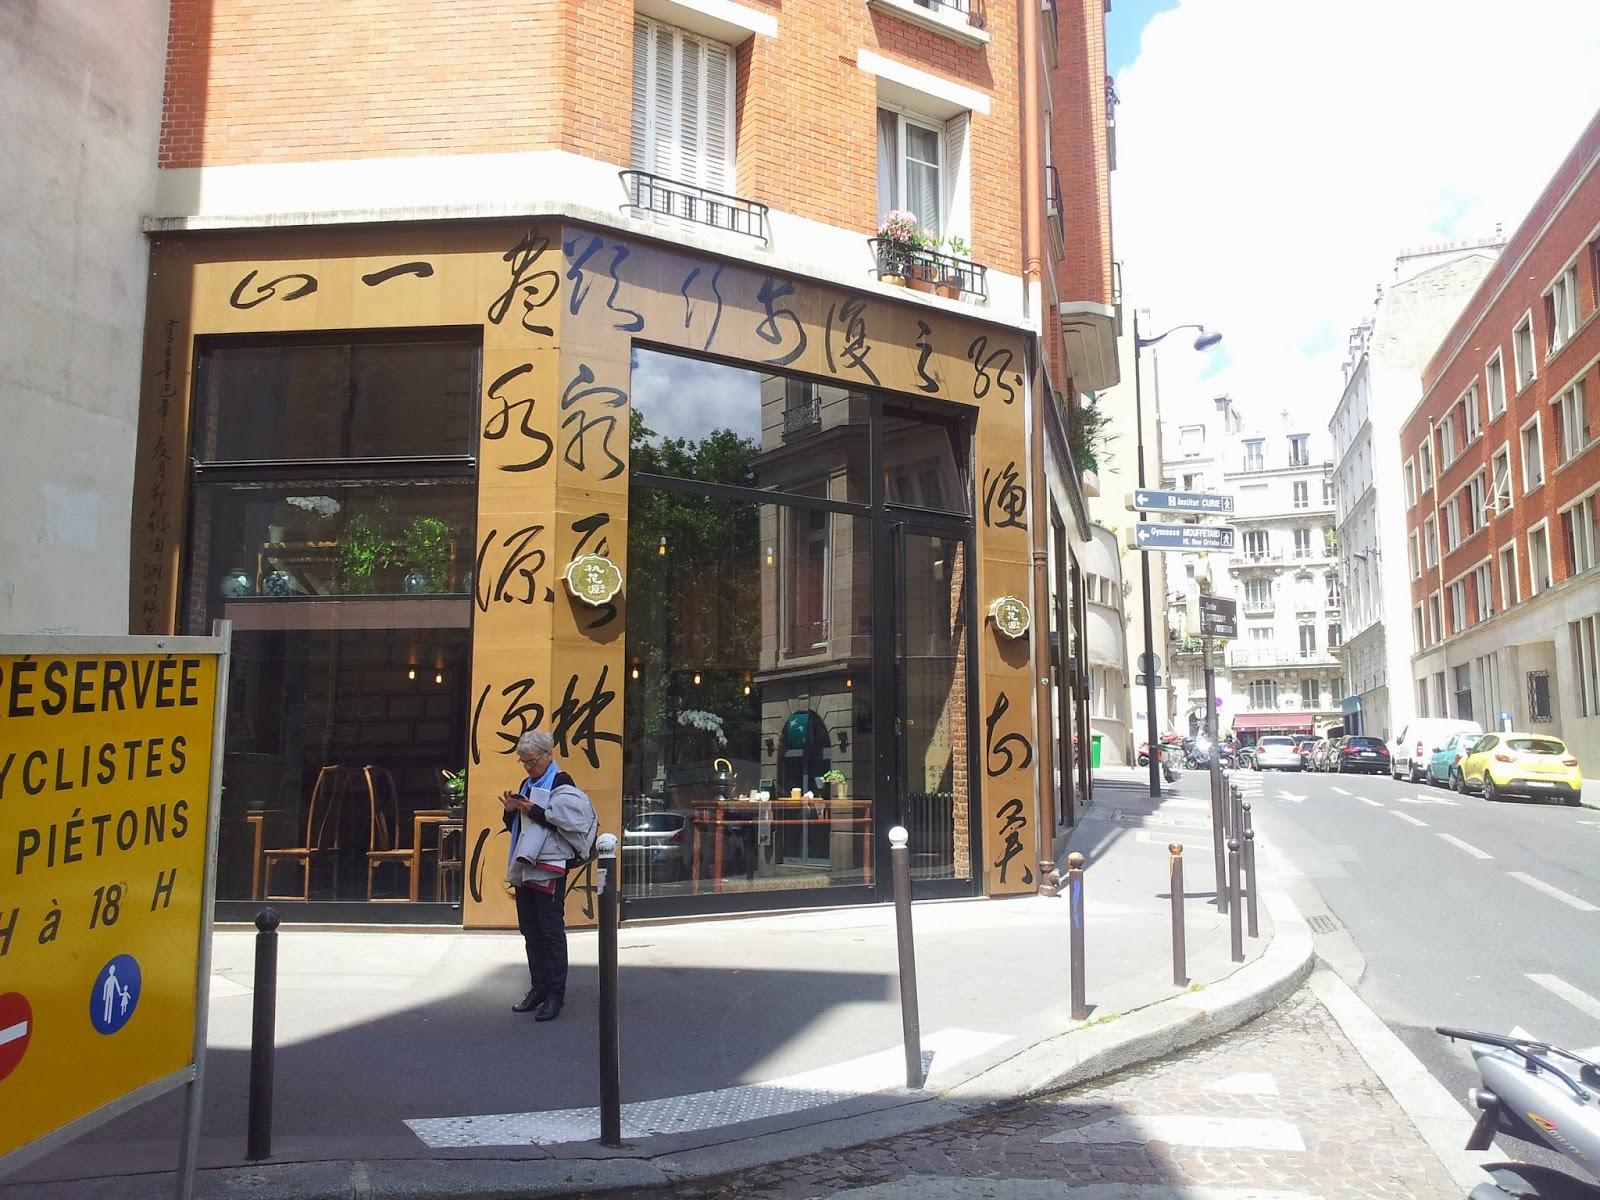 savourer le th 233 le raid teamteaaddicts n 176 2 sur les boutiques parisiennes